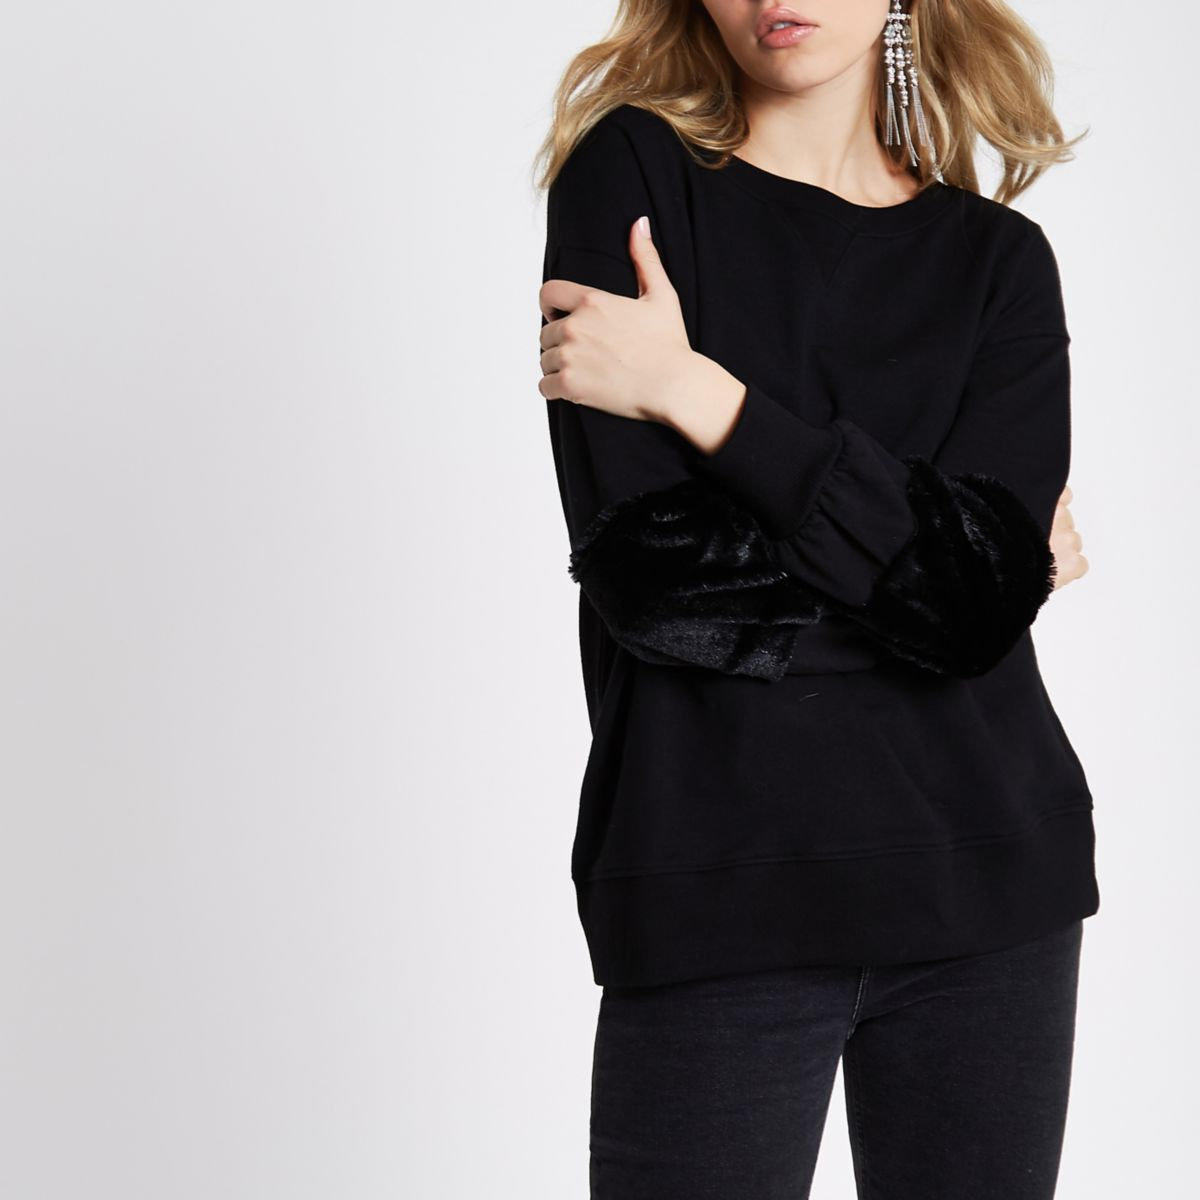 Schwarzes Sweatshirt mit Kunstfellbündchen